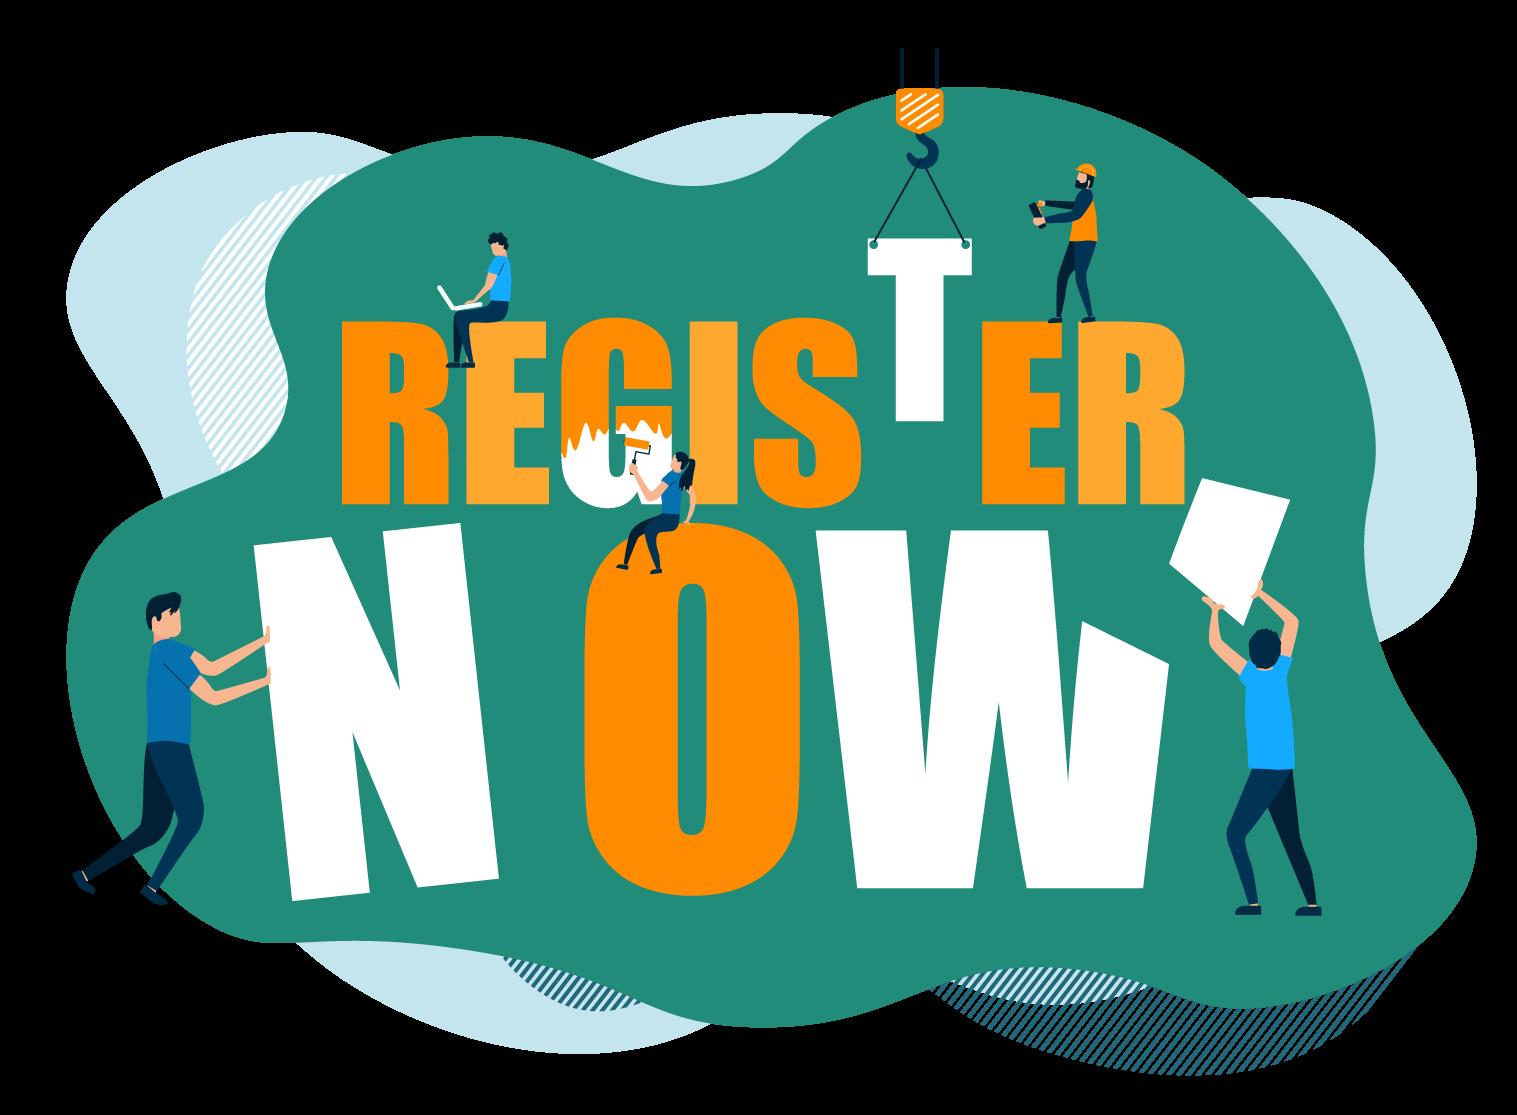 register-image